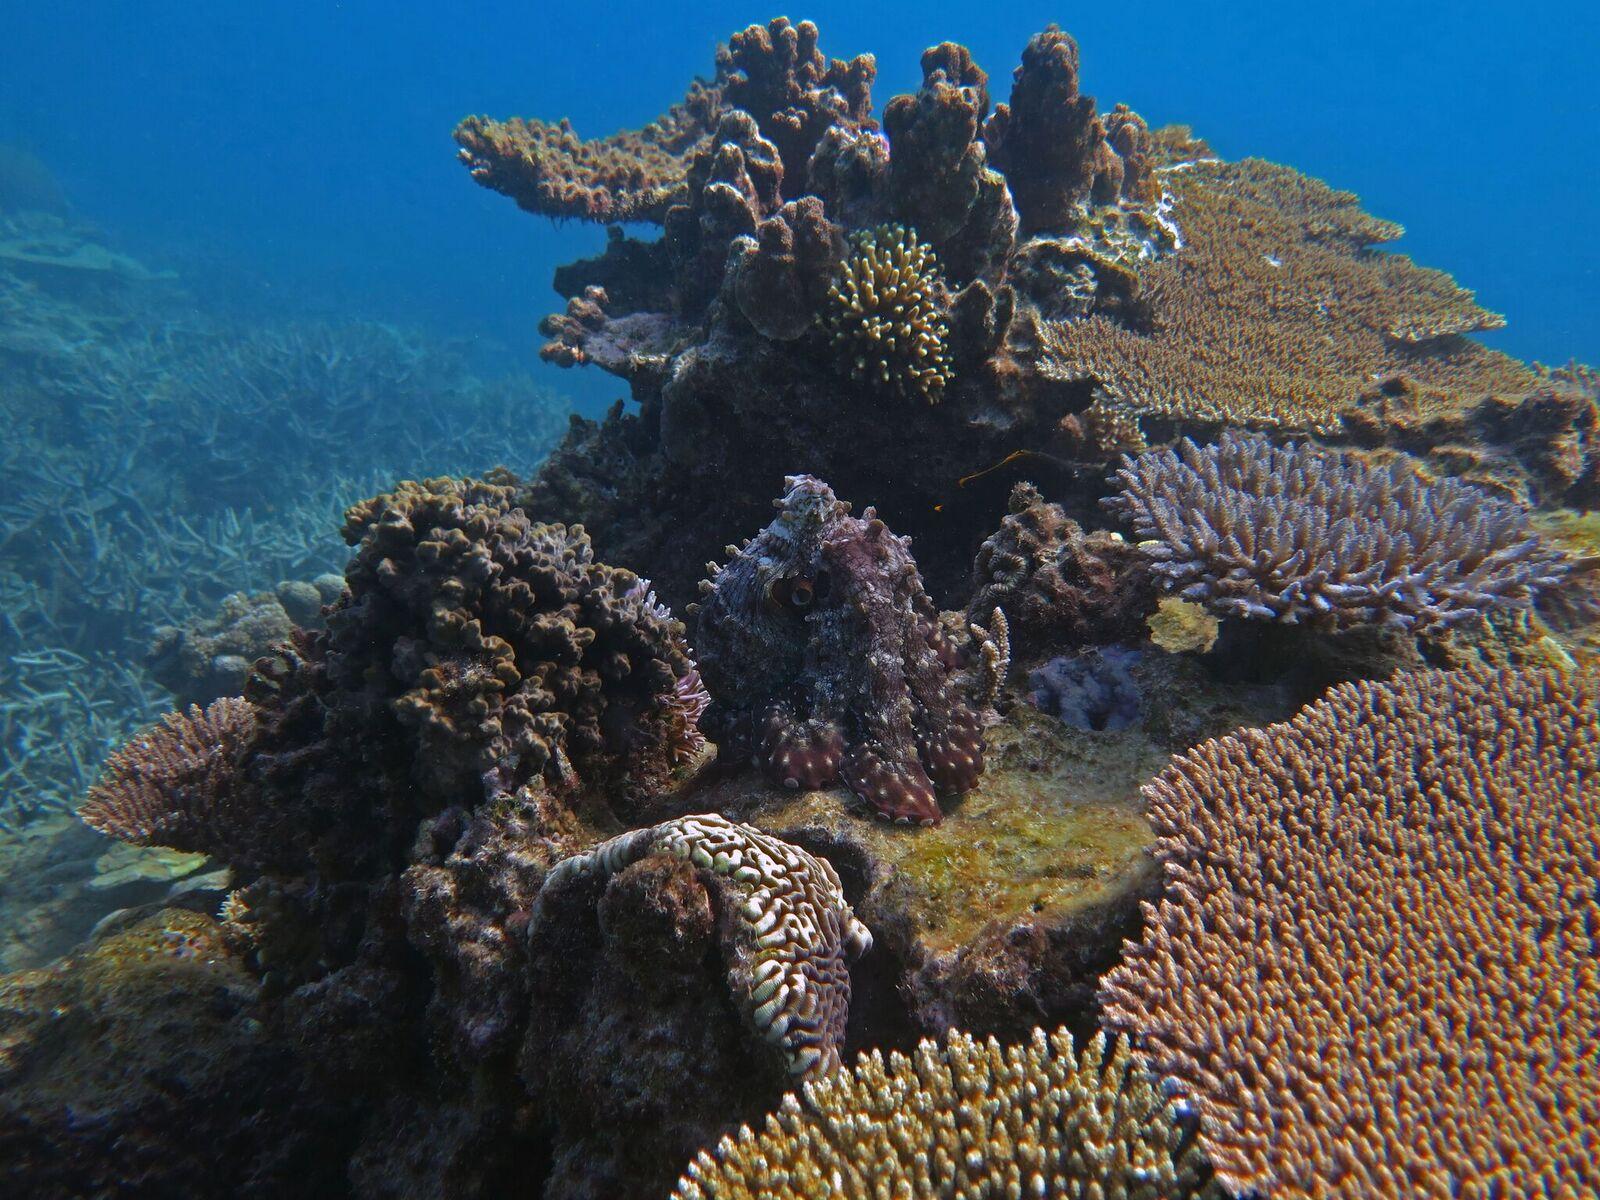 Furcsa módon alkalmazkodnak a polipok az óceánok növekvő savasságához